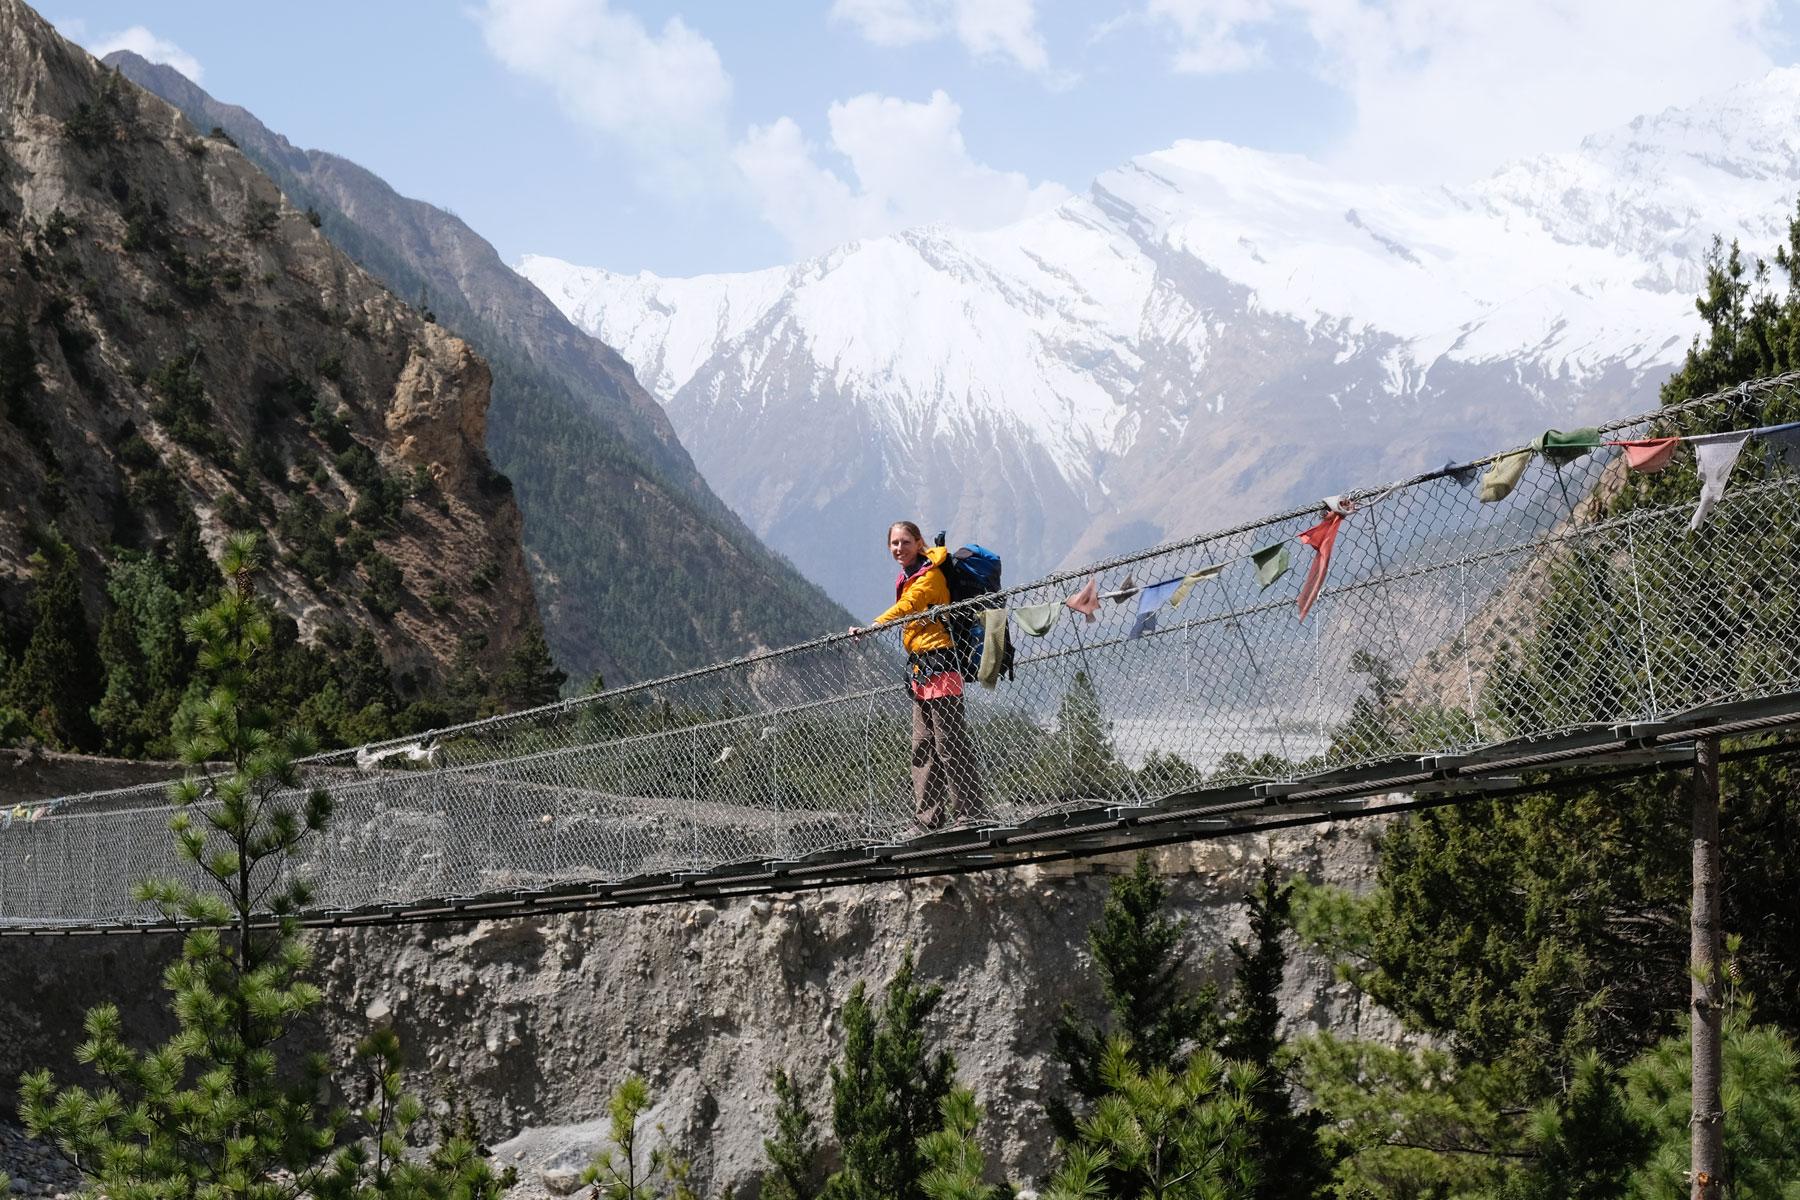 Leo auf einer Hängebrücke auf dem Annapurna Circuit.